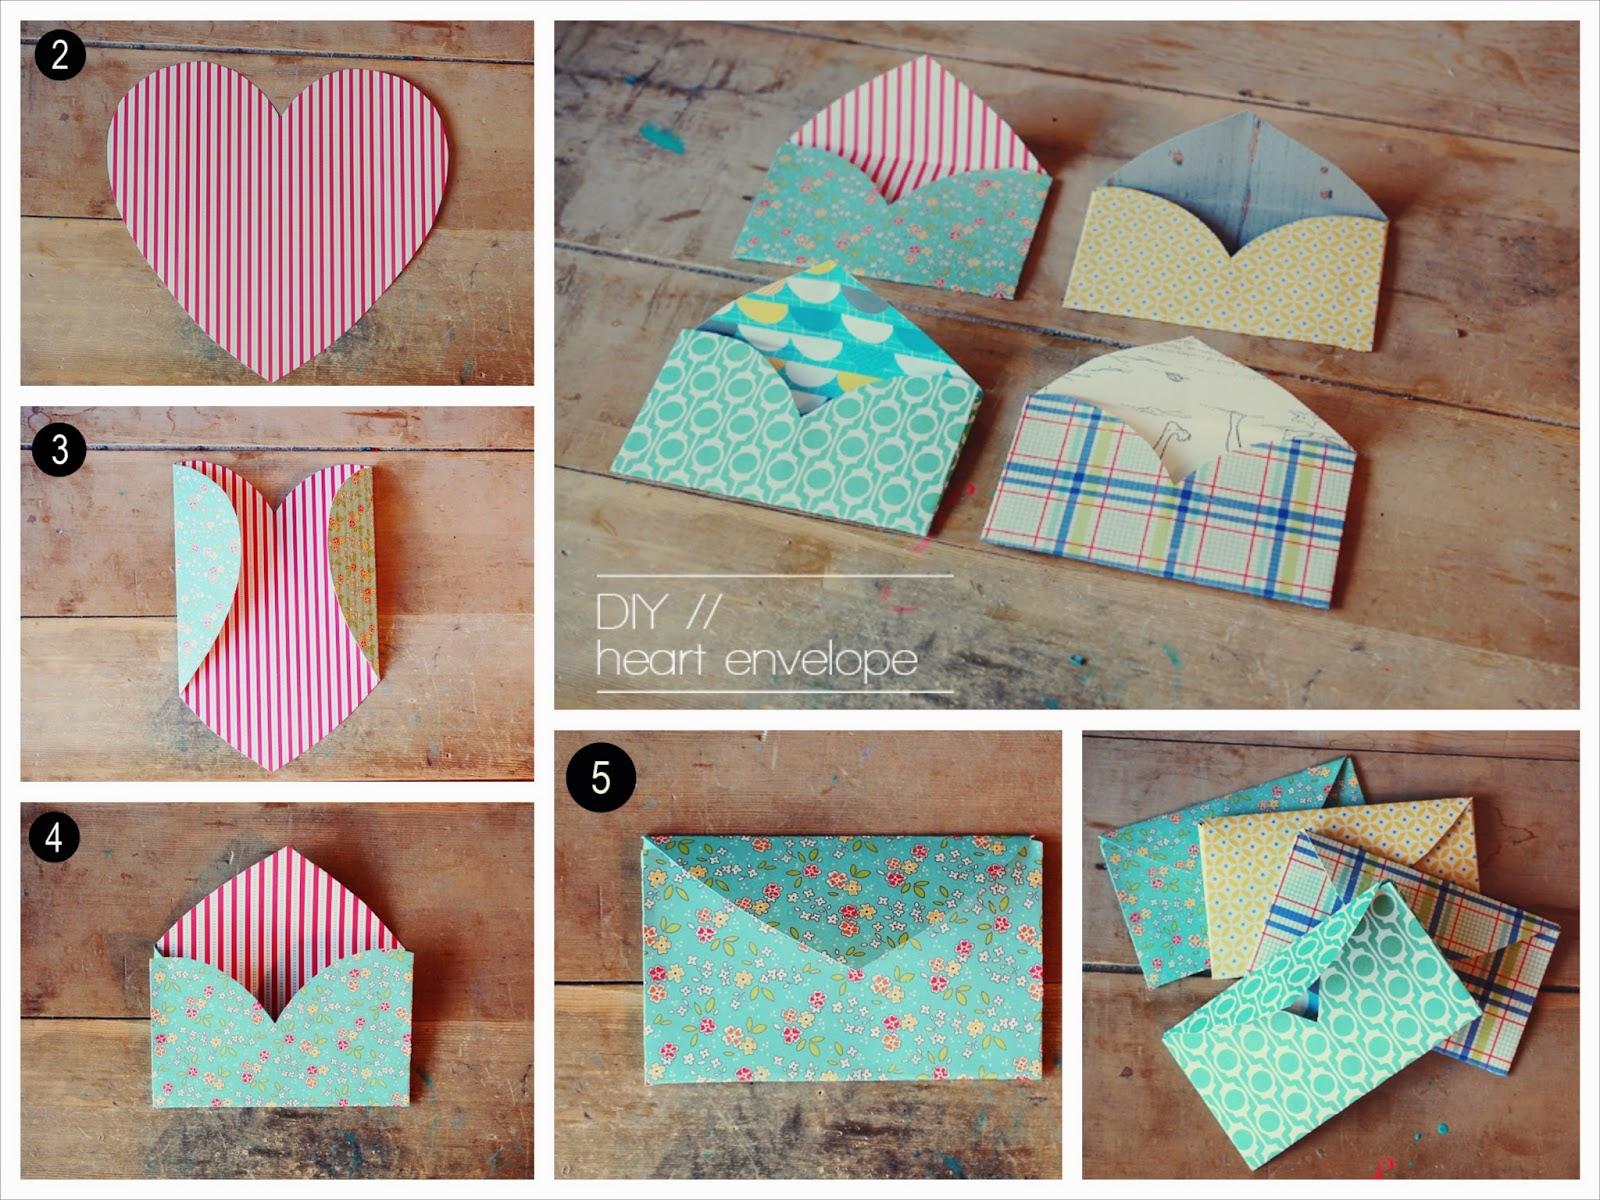 Blog de tu d a con amor invitaciones y detalles de boda - Como hacer un collage de fotos a mano ...